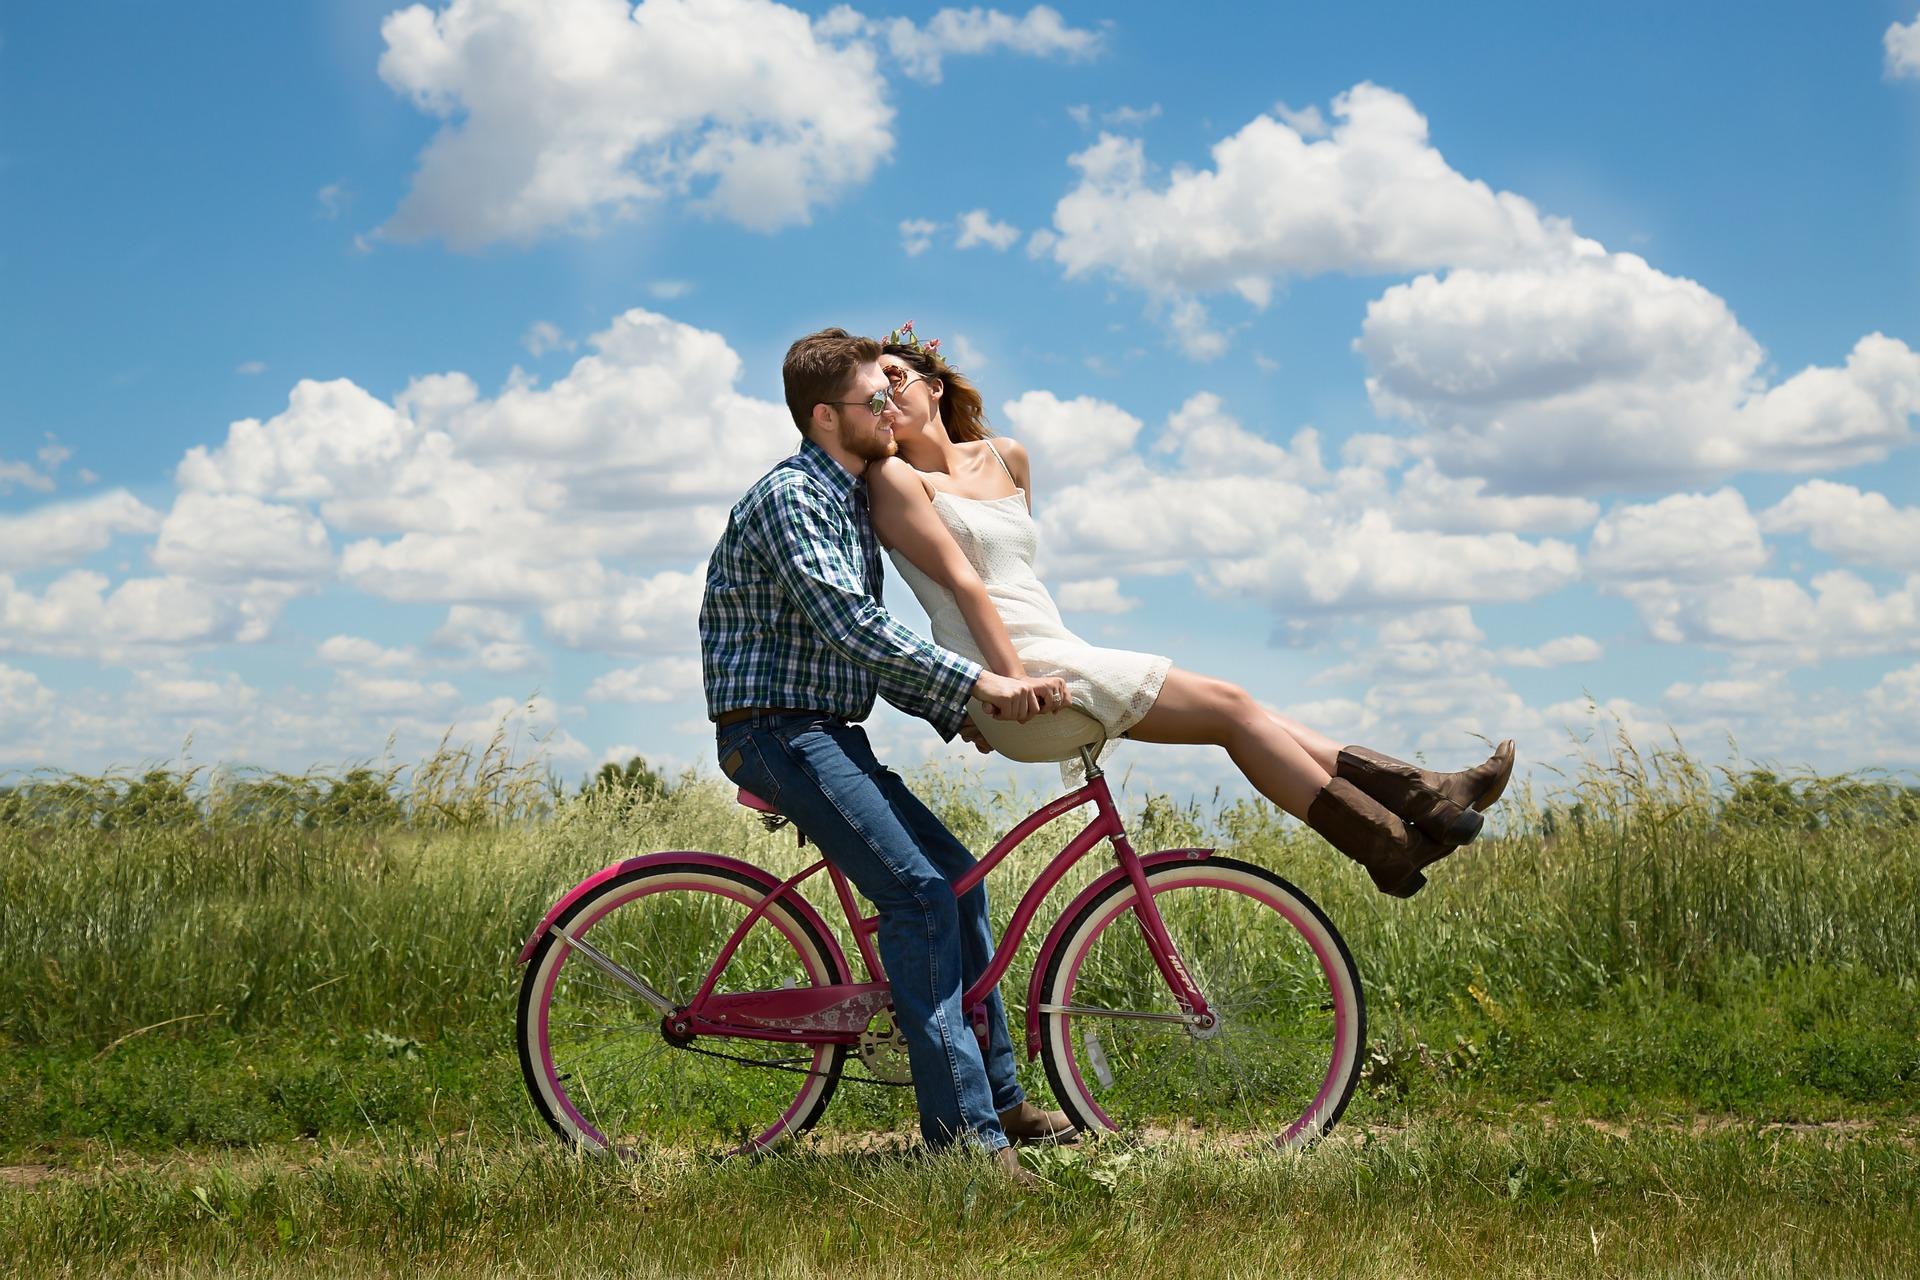 Actividades que refuerzan la unión con tu pareja